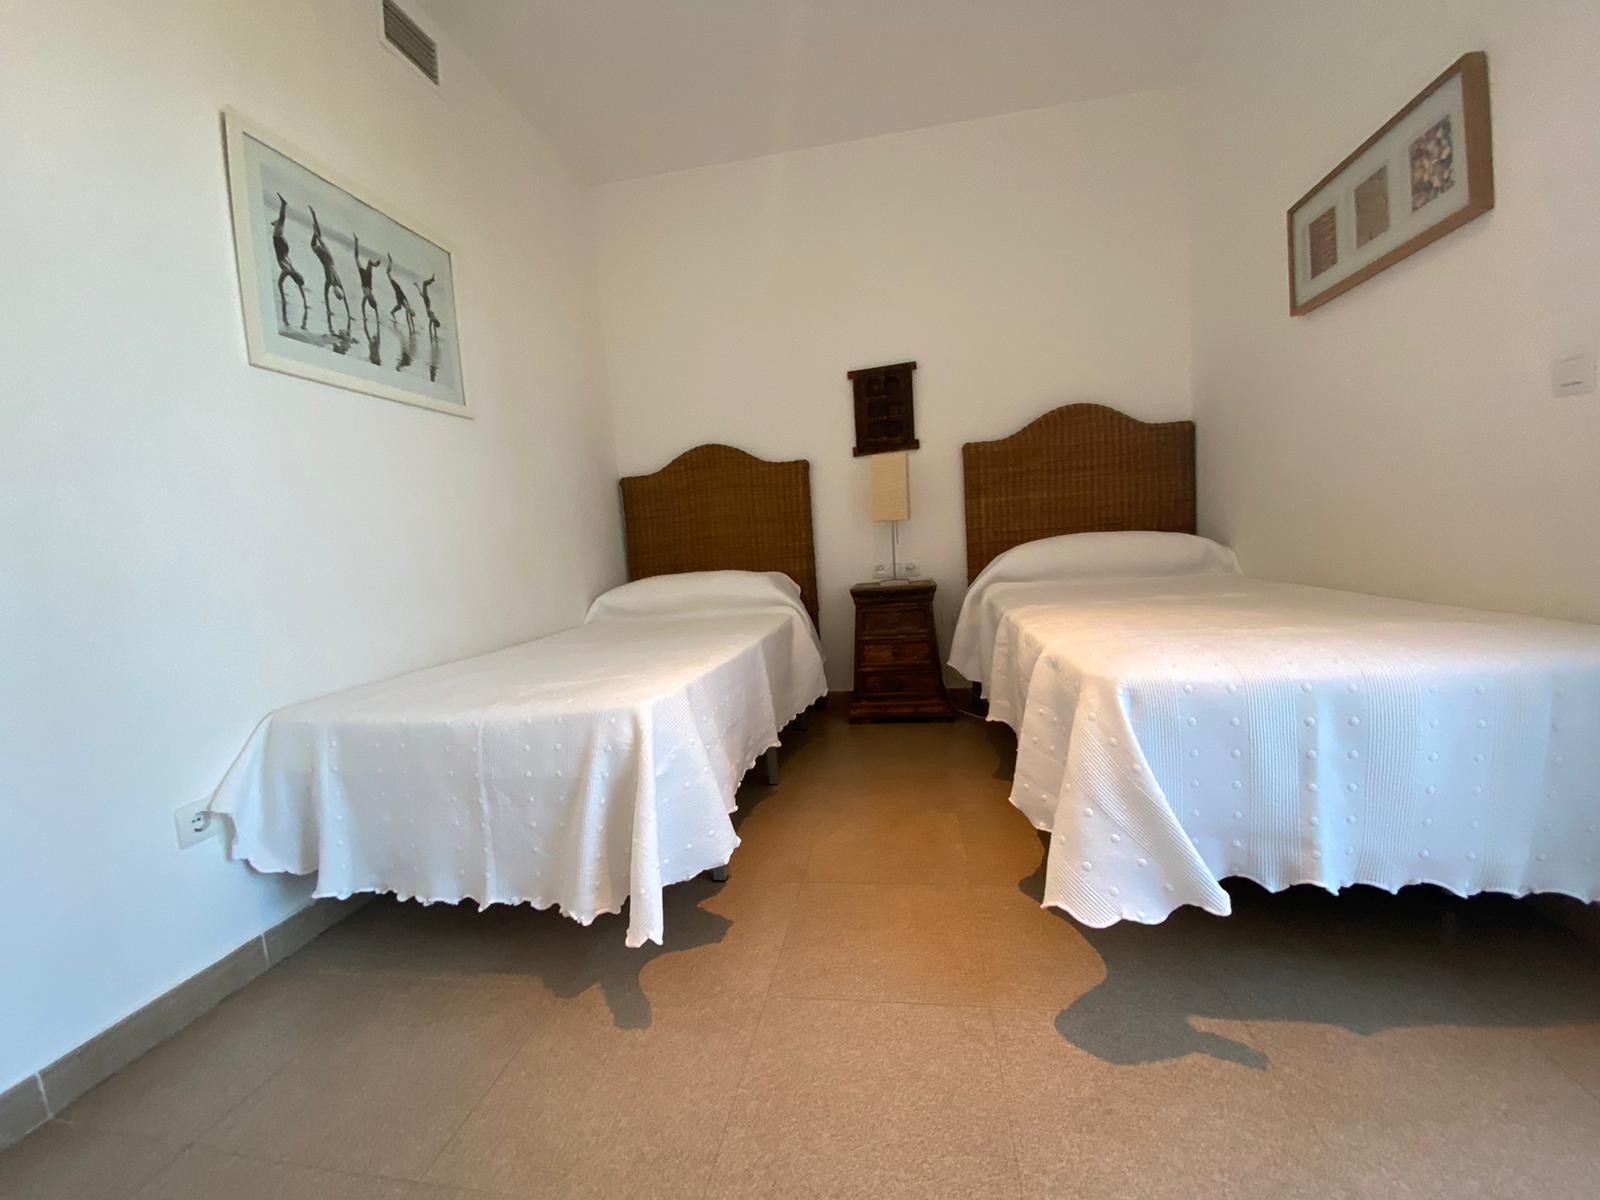 Imagen 8 del Apartamento Turístico, Ático 4 Levante, Frontal (4d+2b), Punta del Moral (HUELVA), Paseo de la Cruz nº22